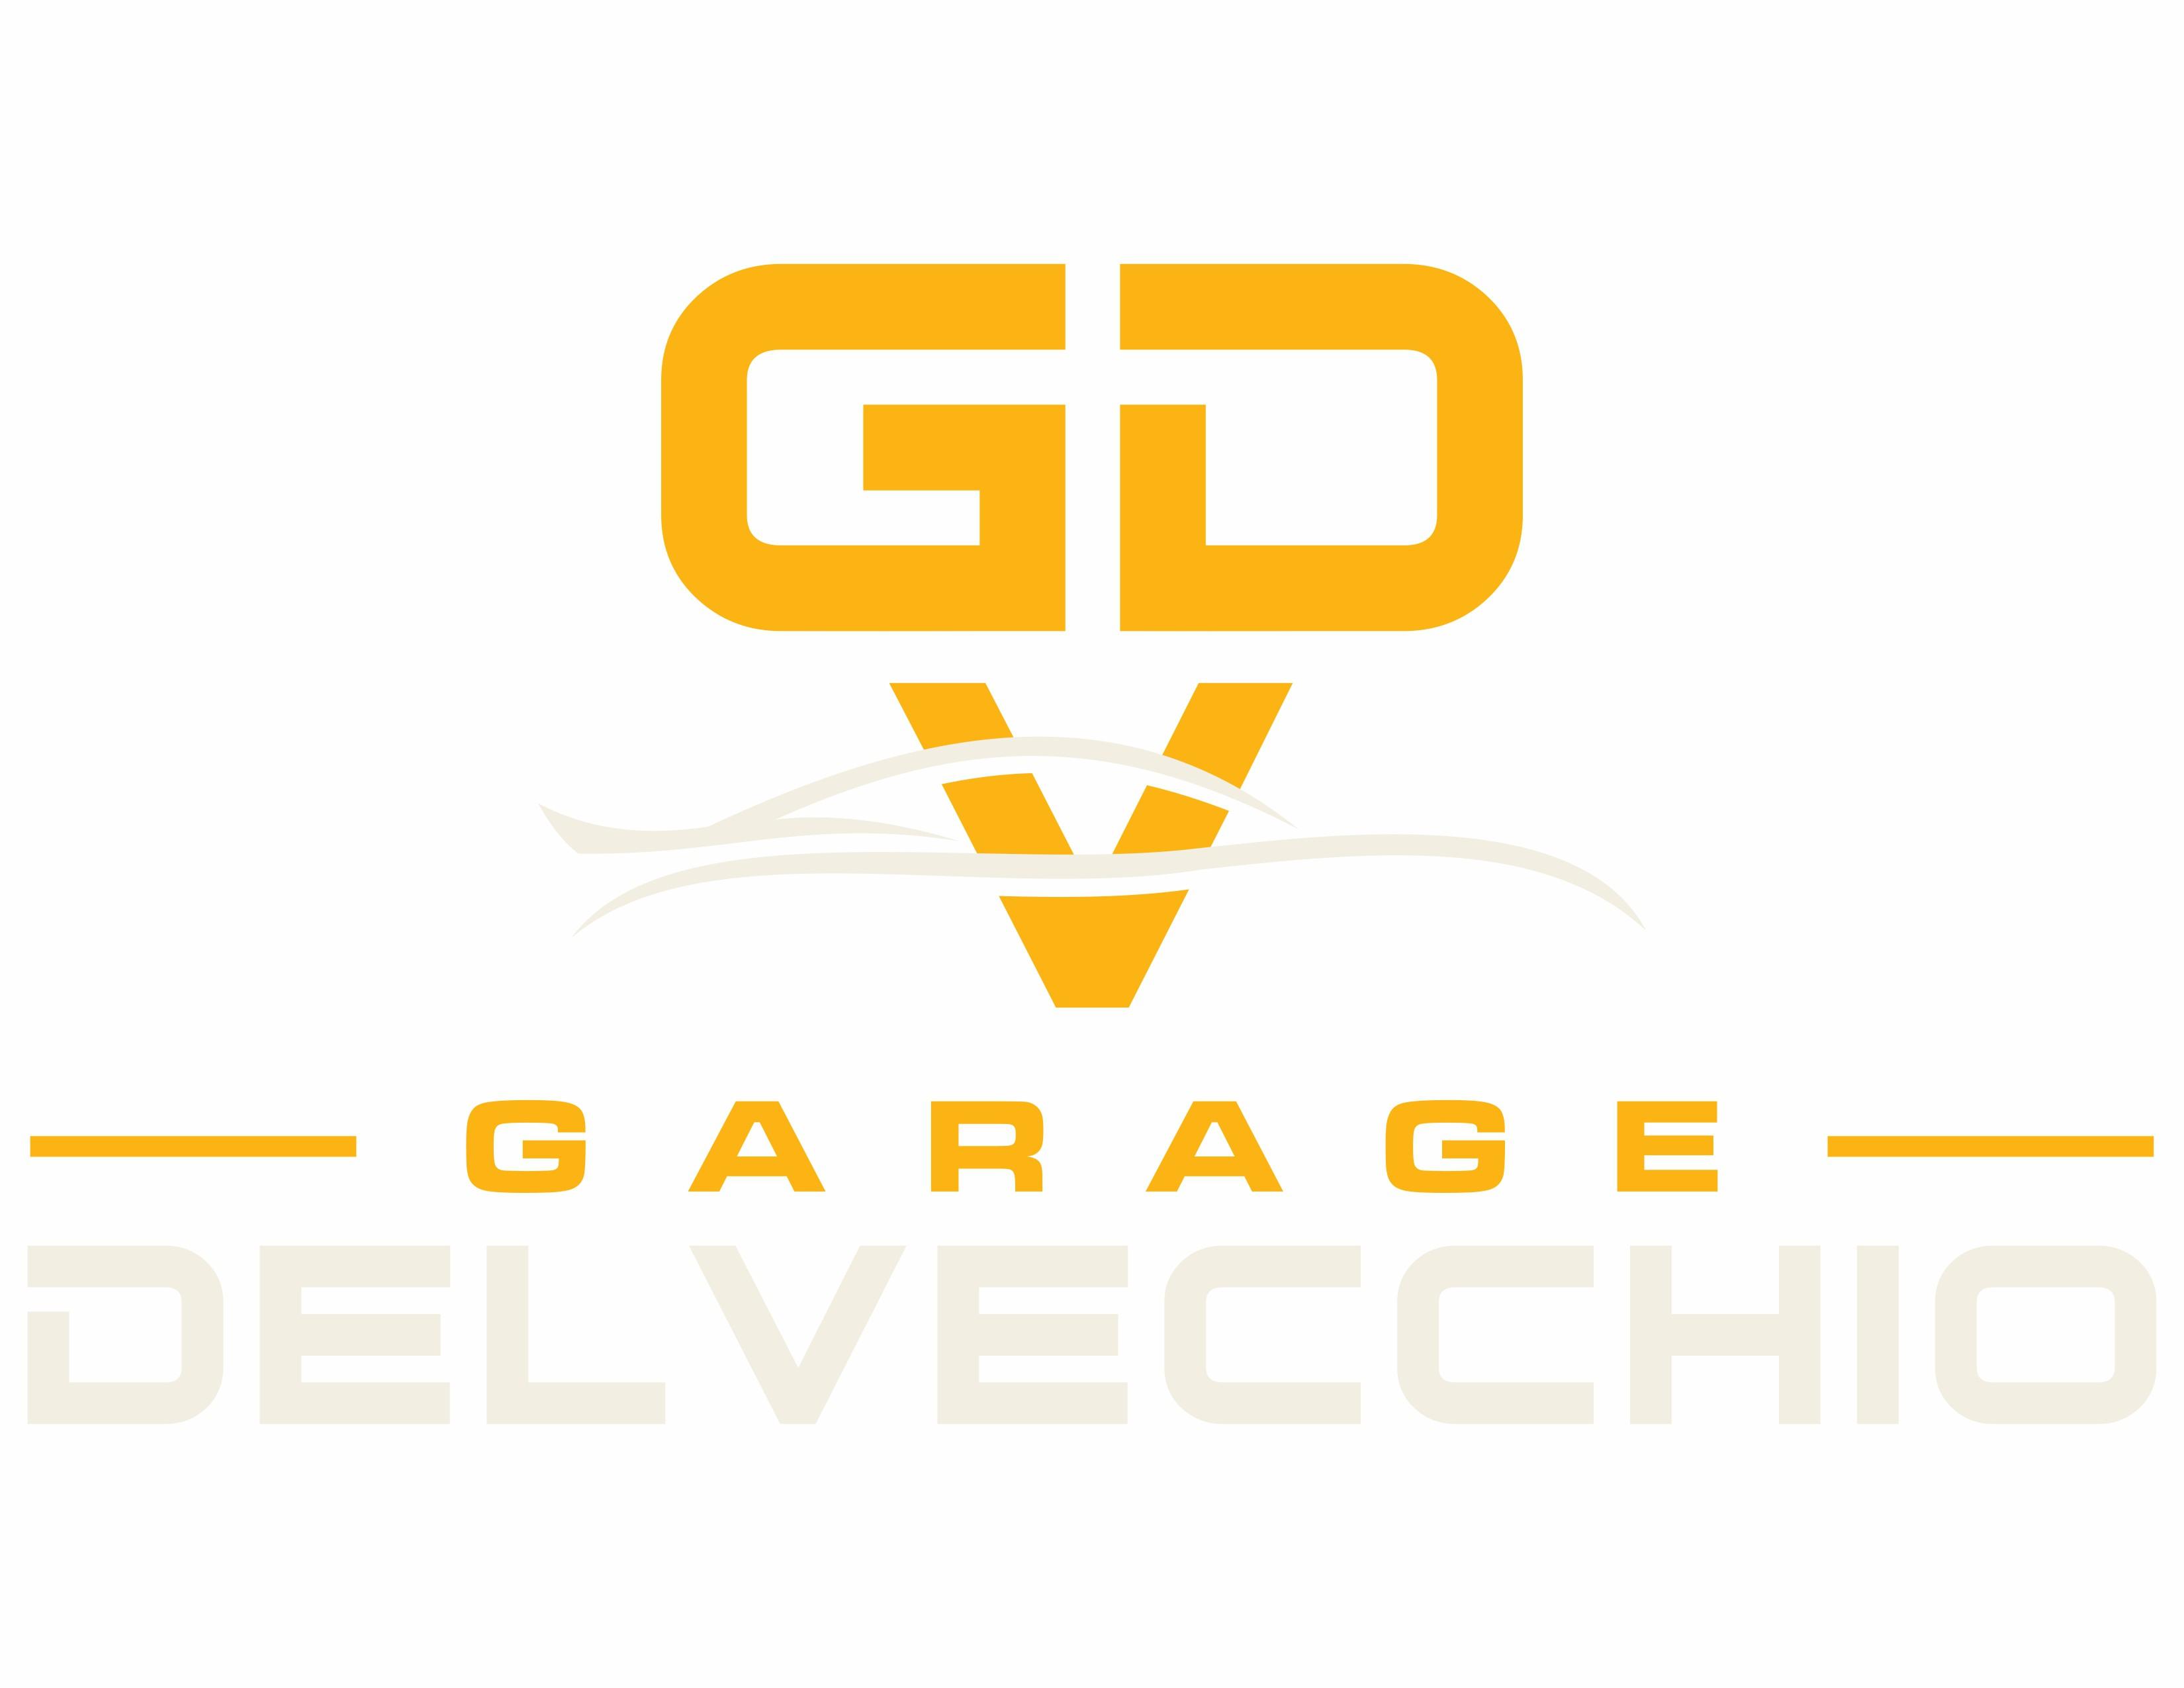 Garage Del Vecchio braucht ein vielsagendes, elegantes Logo